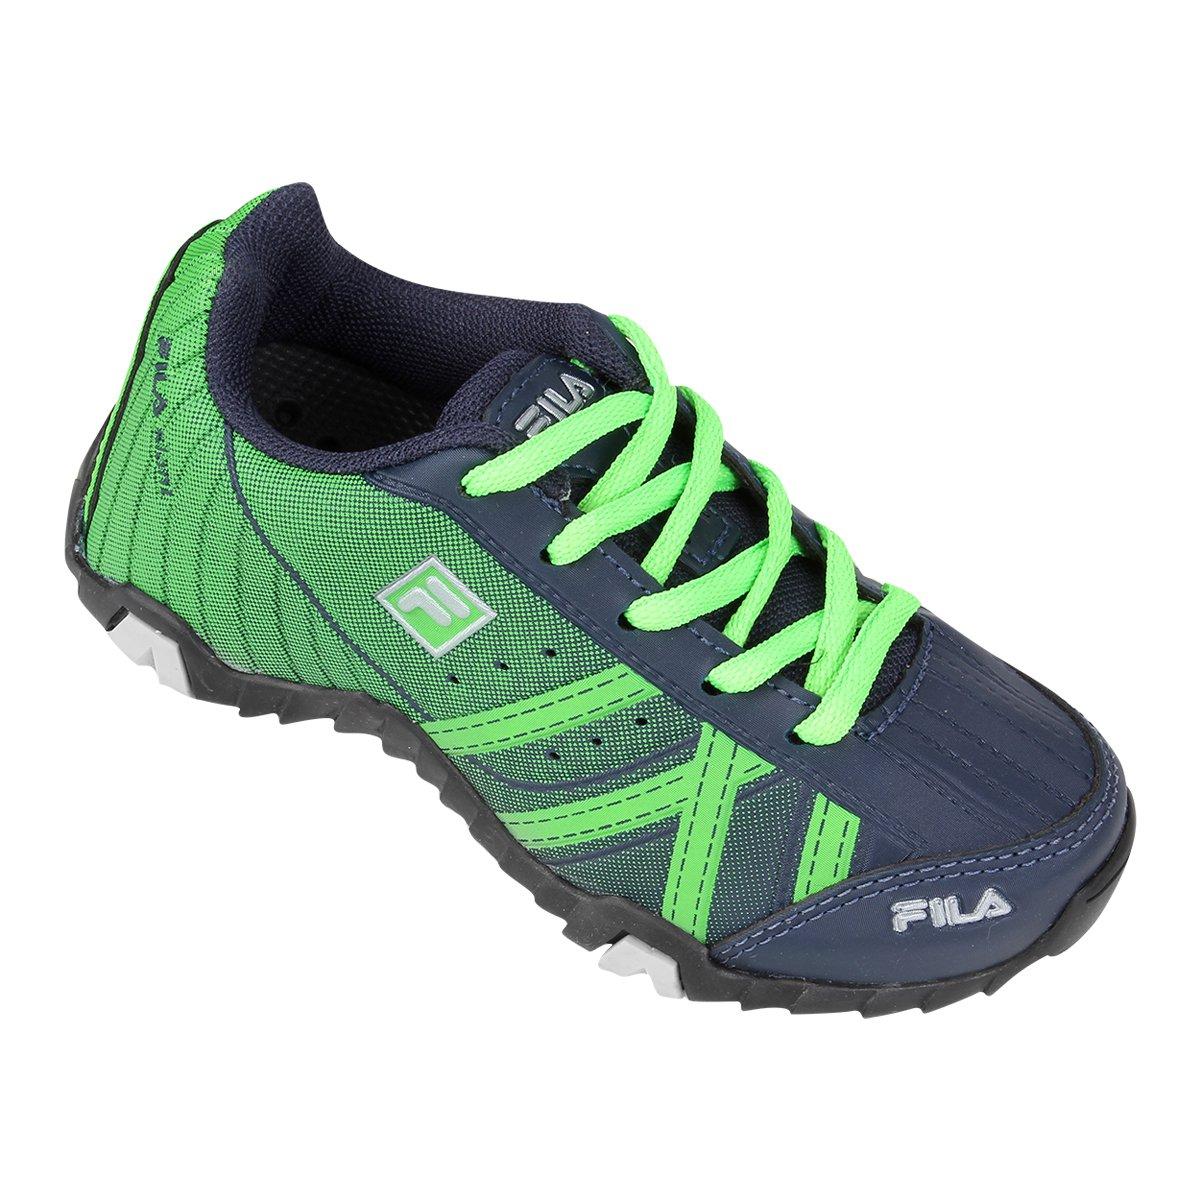 330c4bfba1b FornecedorNetshoes. Tênis Infantil Fila Slant Summer